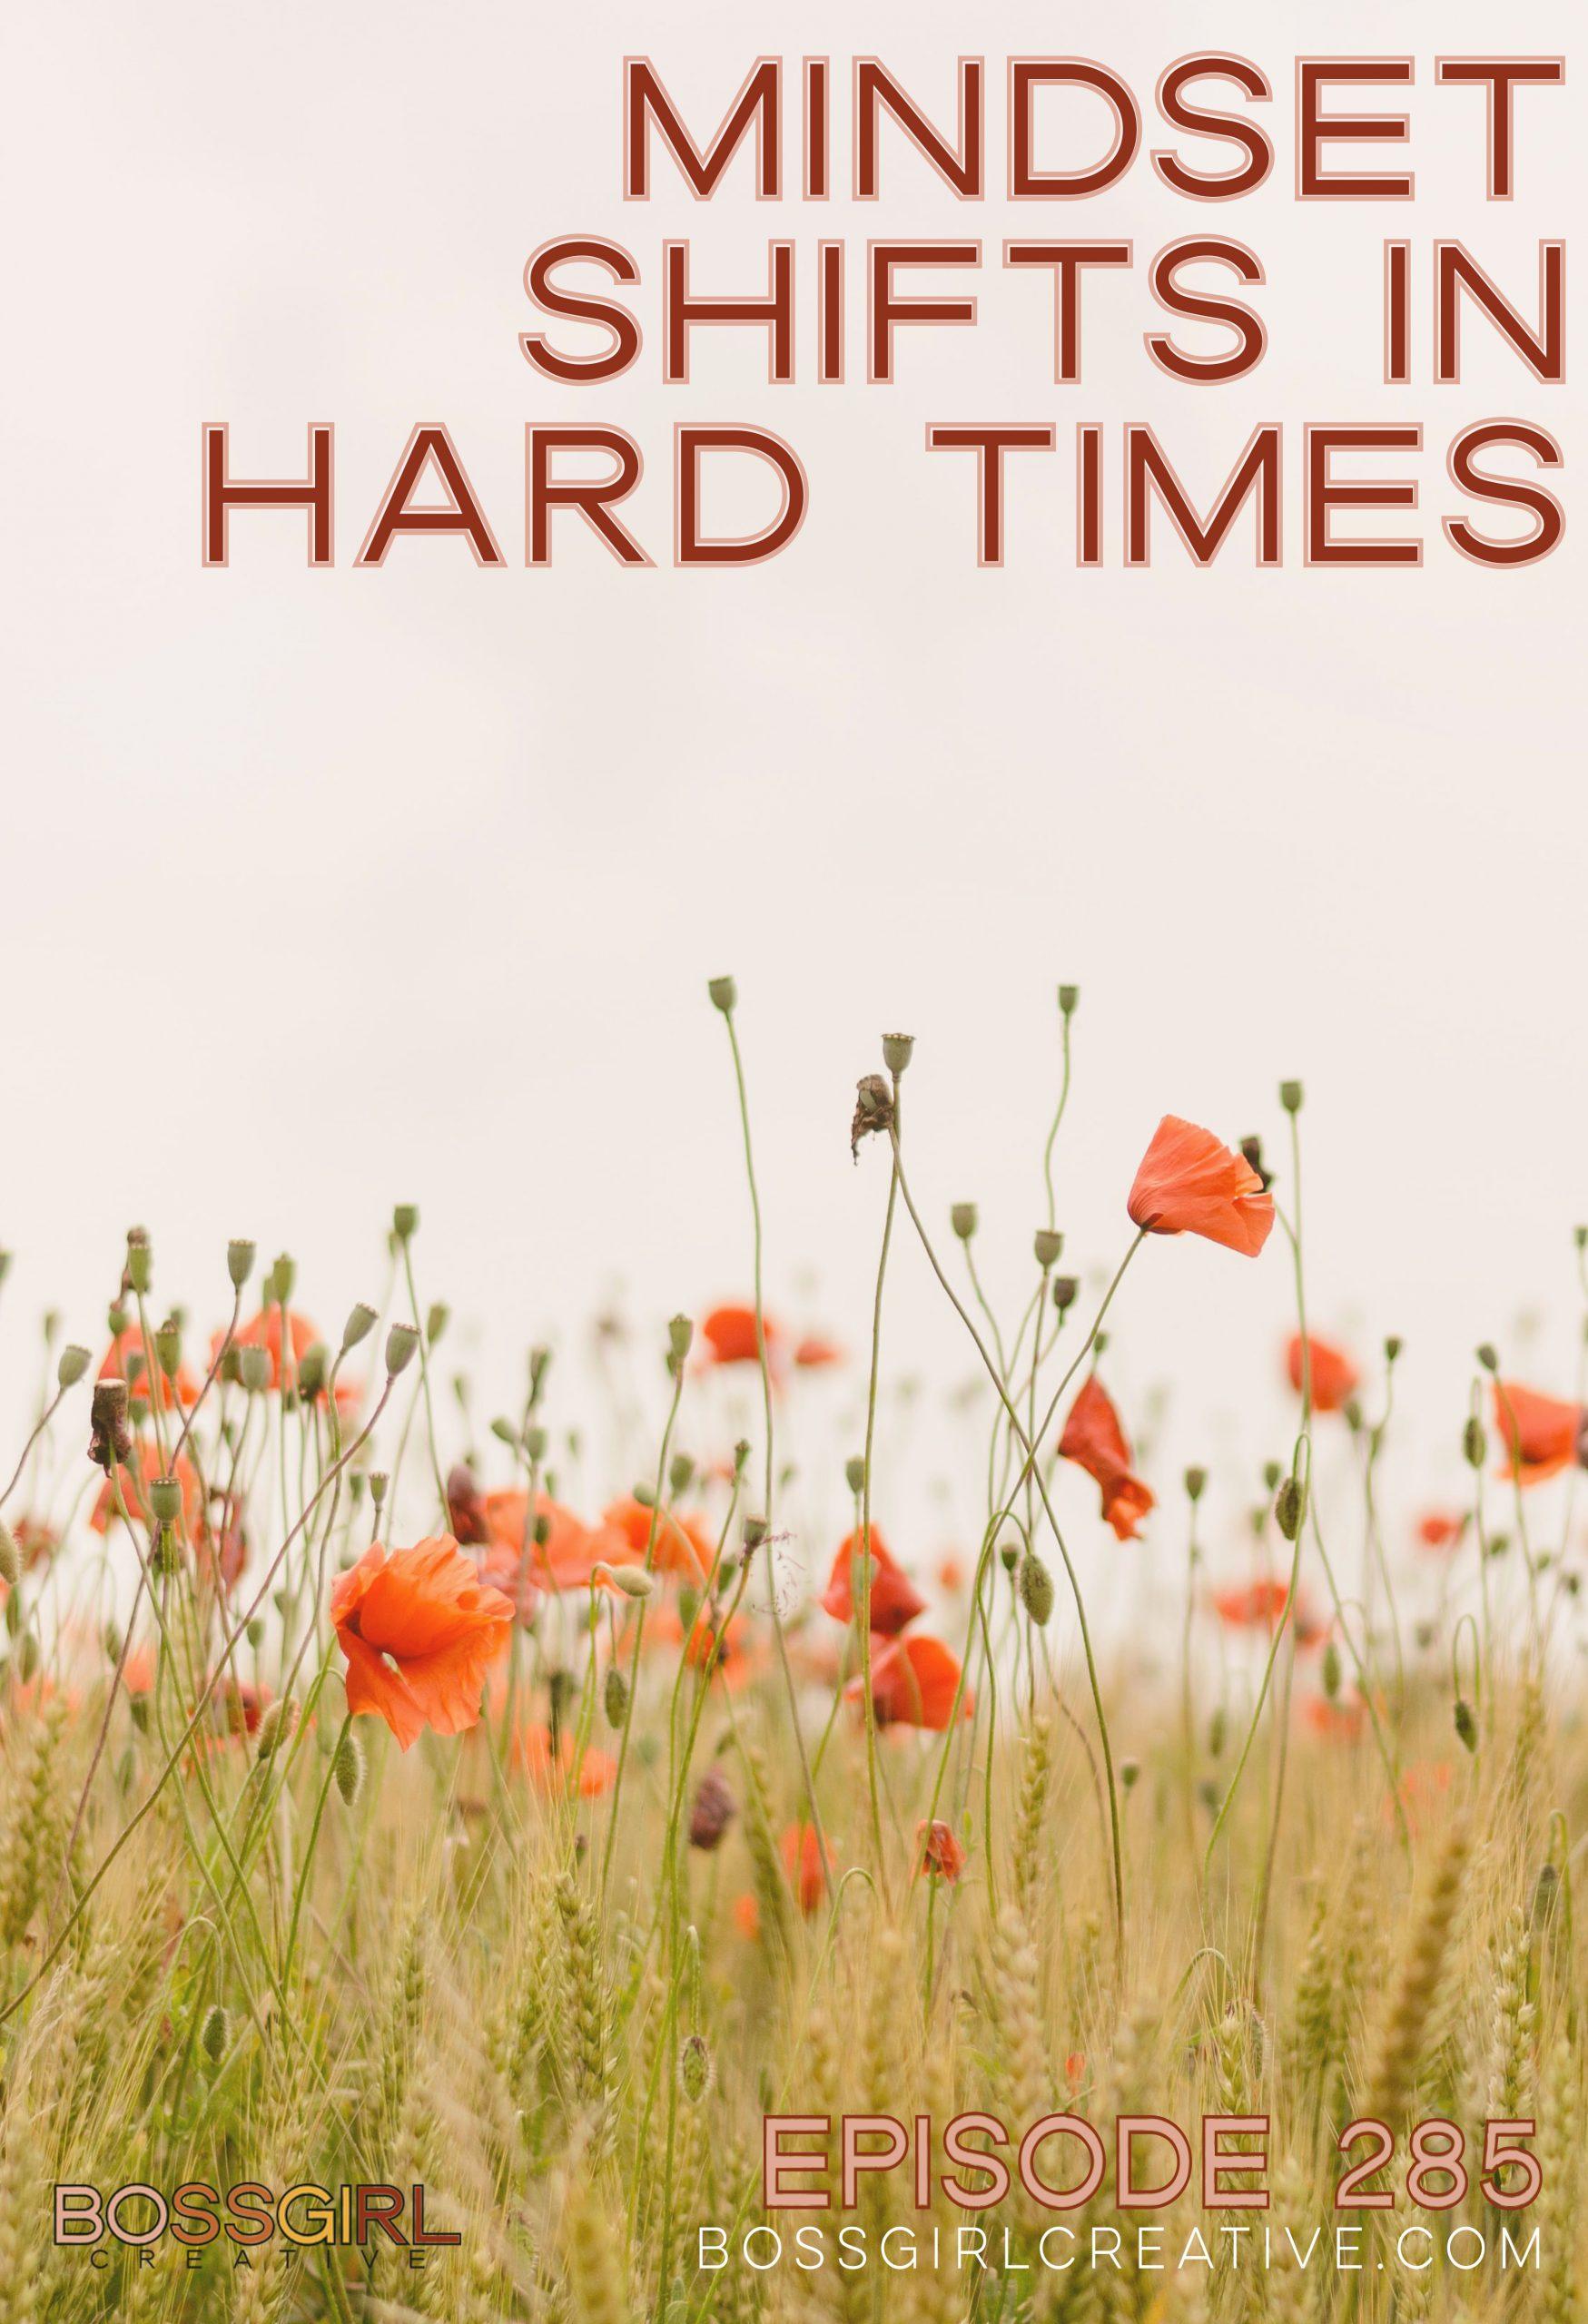 BGC Episode 285 - Mindset Shifts in Hard Times